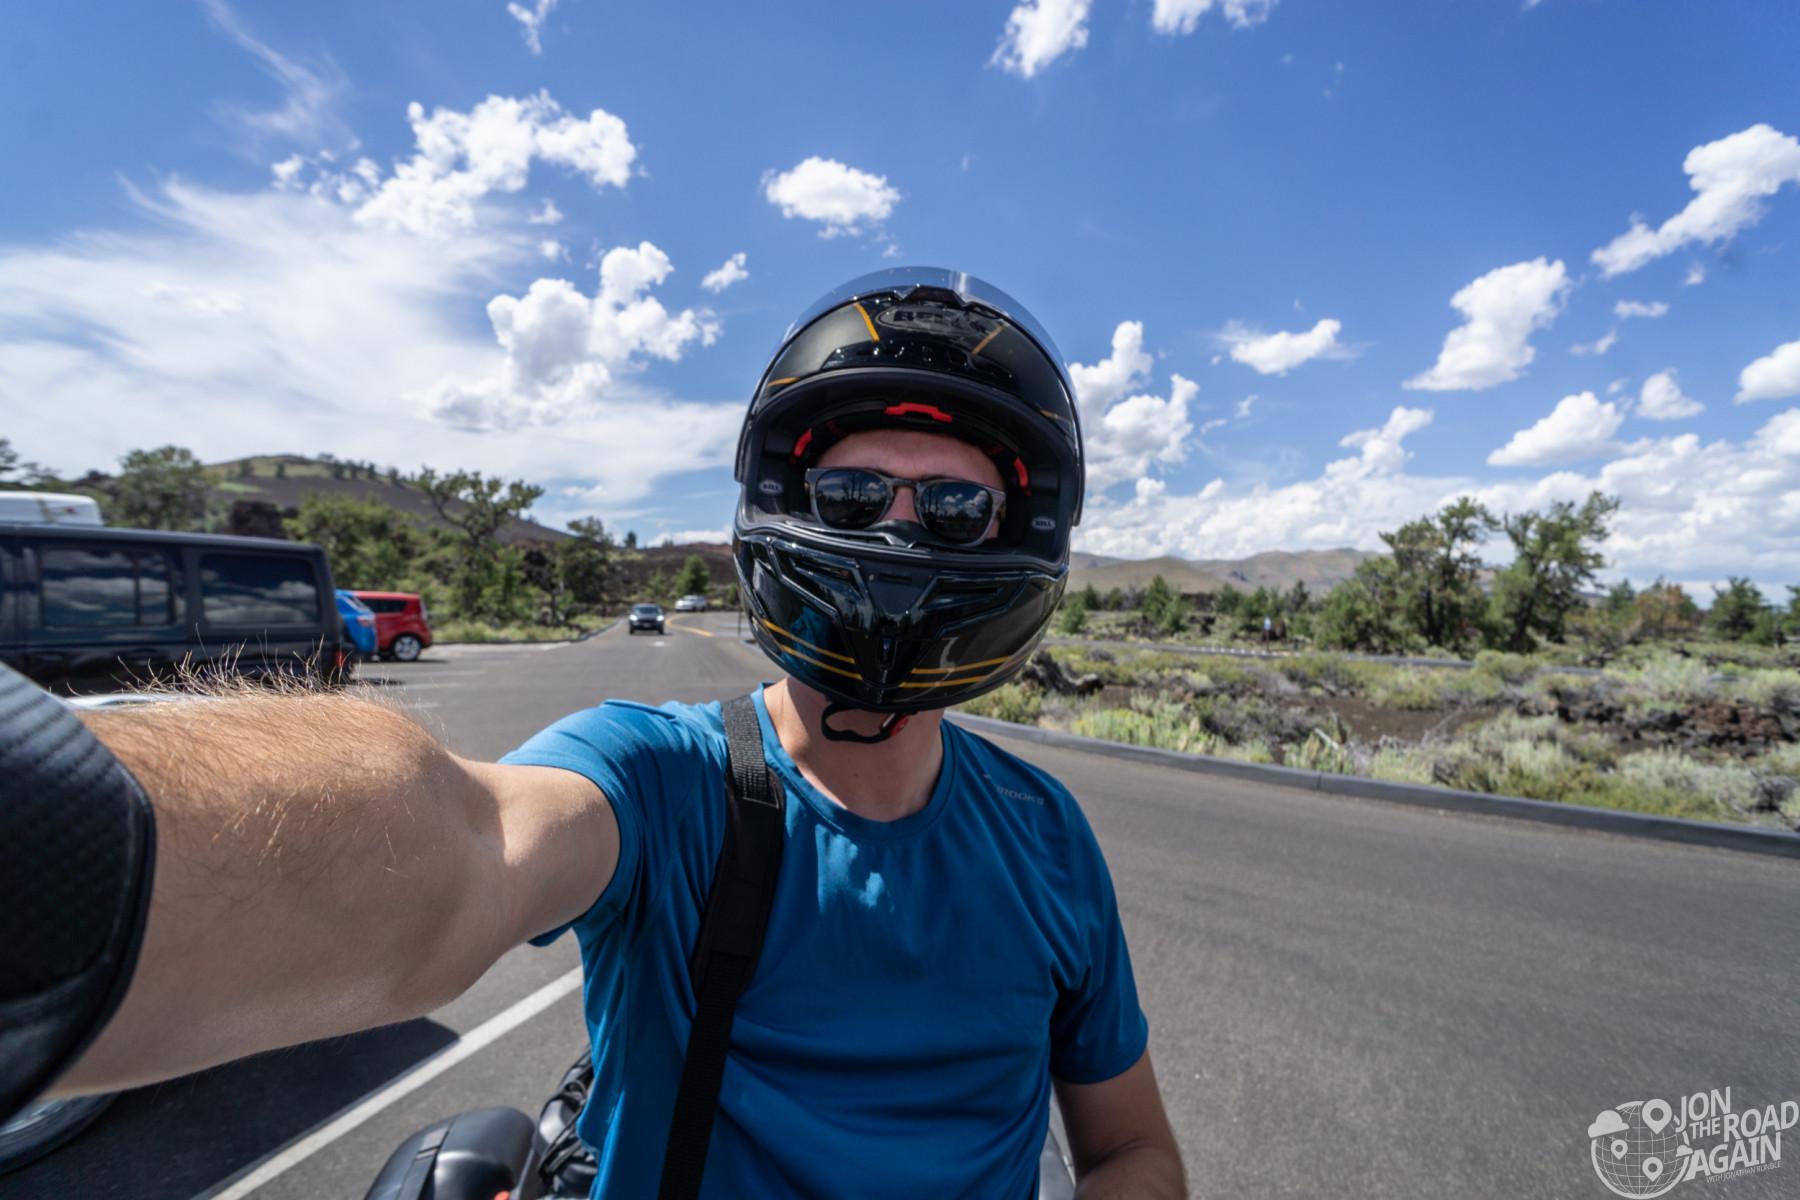 Motorcycle helmet selfie idaho